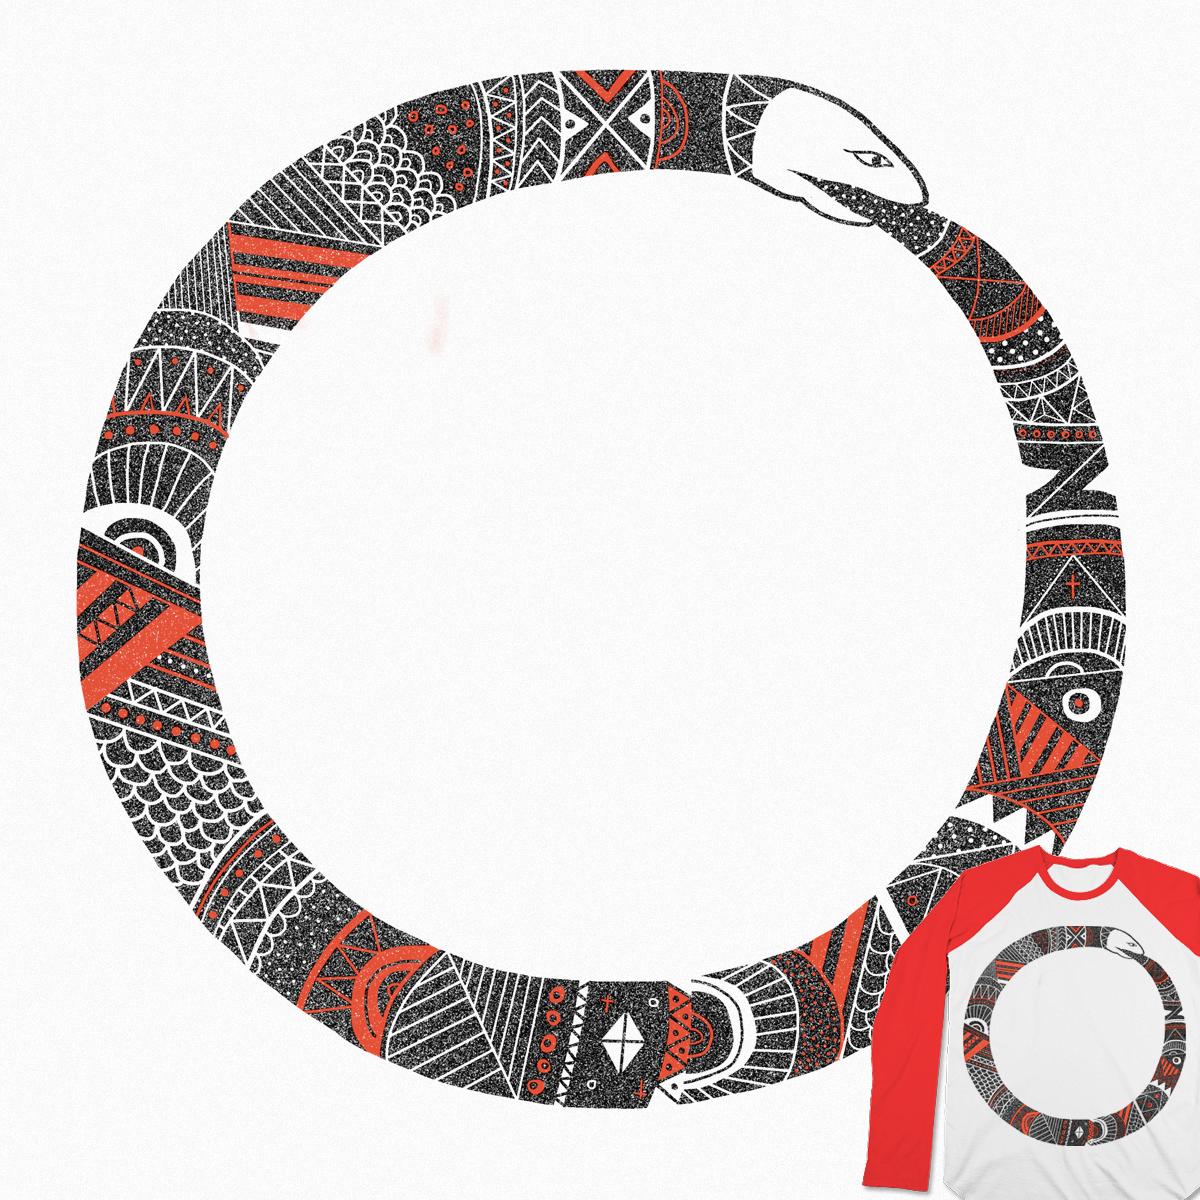 Ouroboros sleeve by Farnell on Threadless